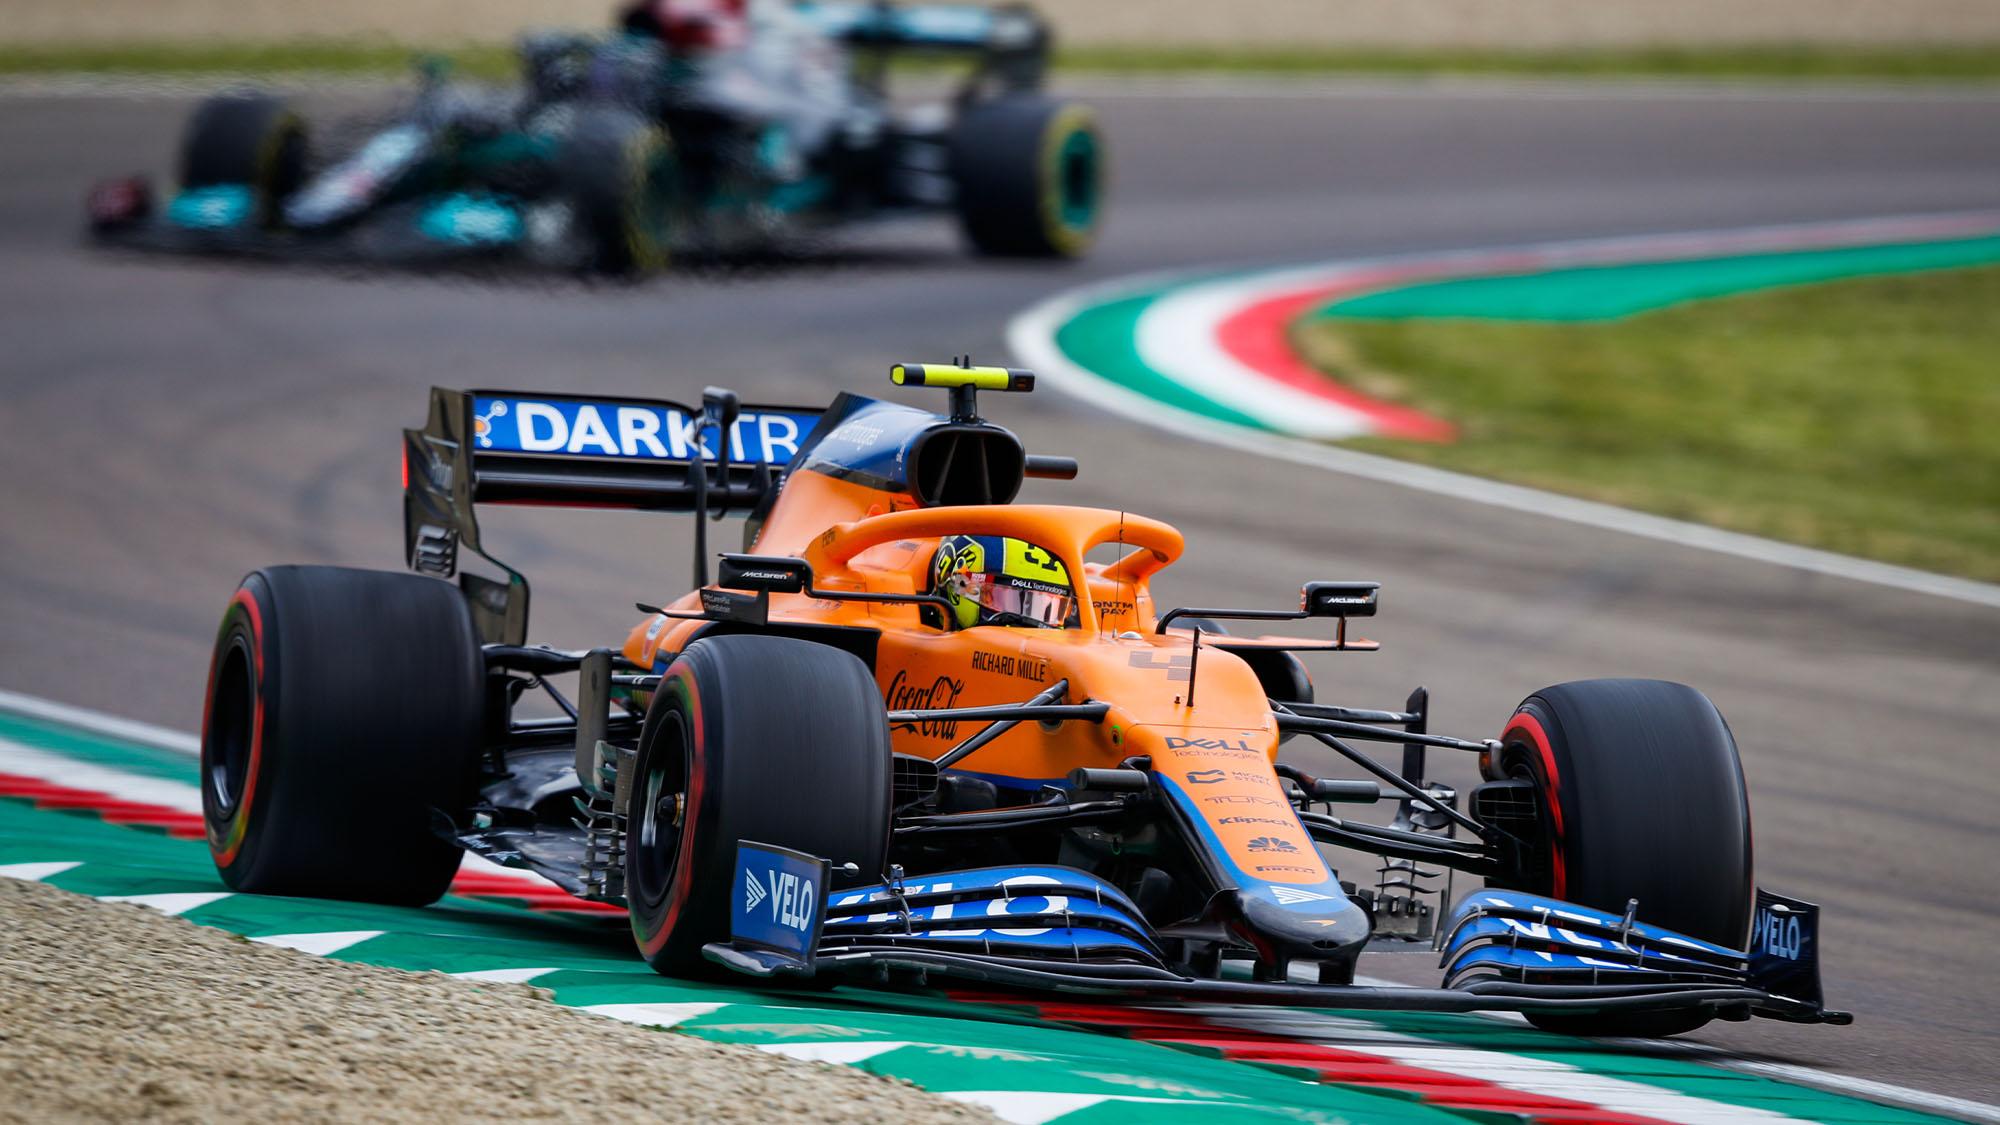 Lando Norris ahead of Lewis Hamilton in the 2021 Emilia Romagna Grand Prix